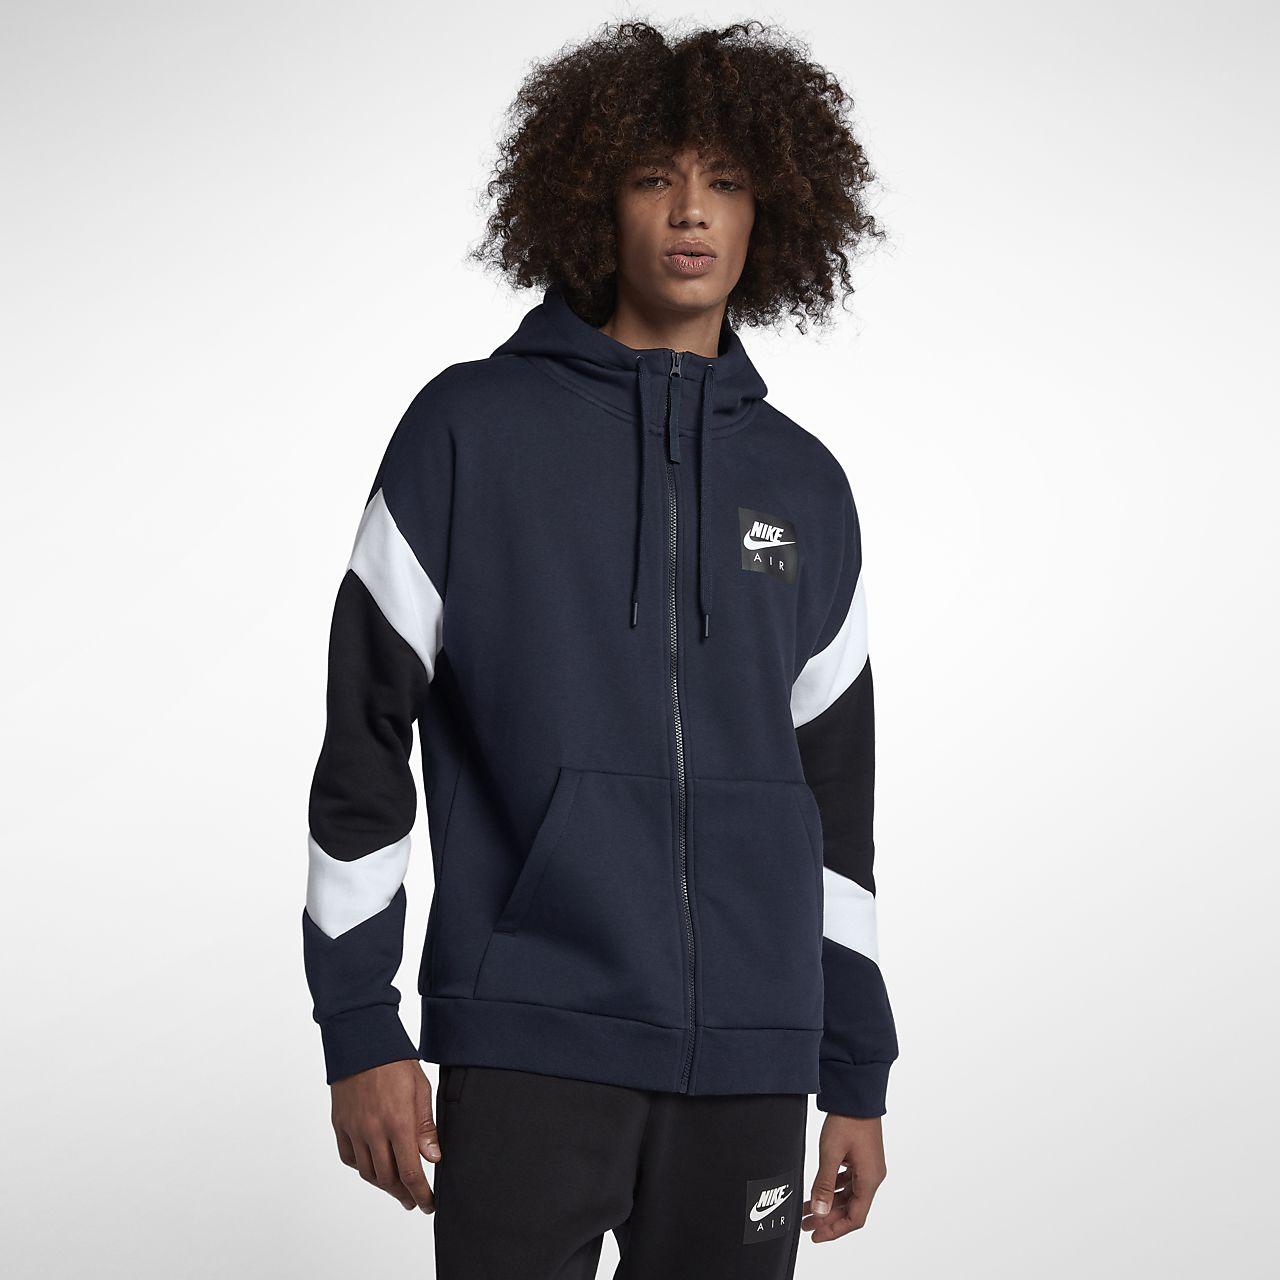 81319b91eac2 Nike Sportswear Air Men s Full-Zip Hoodie. Nike.com NZ